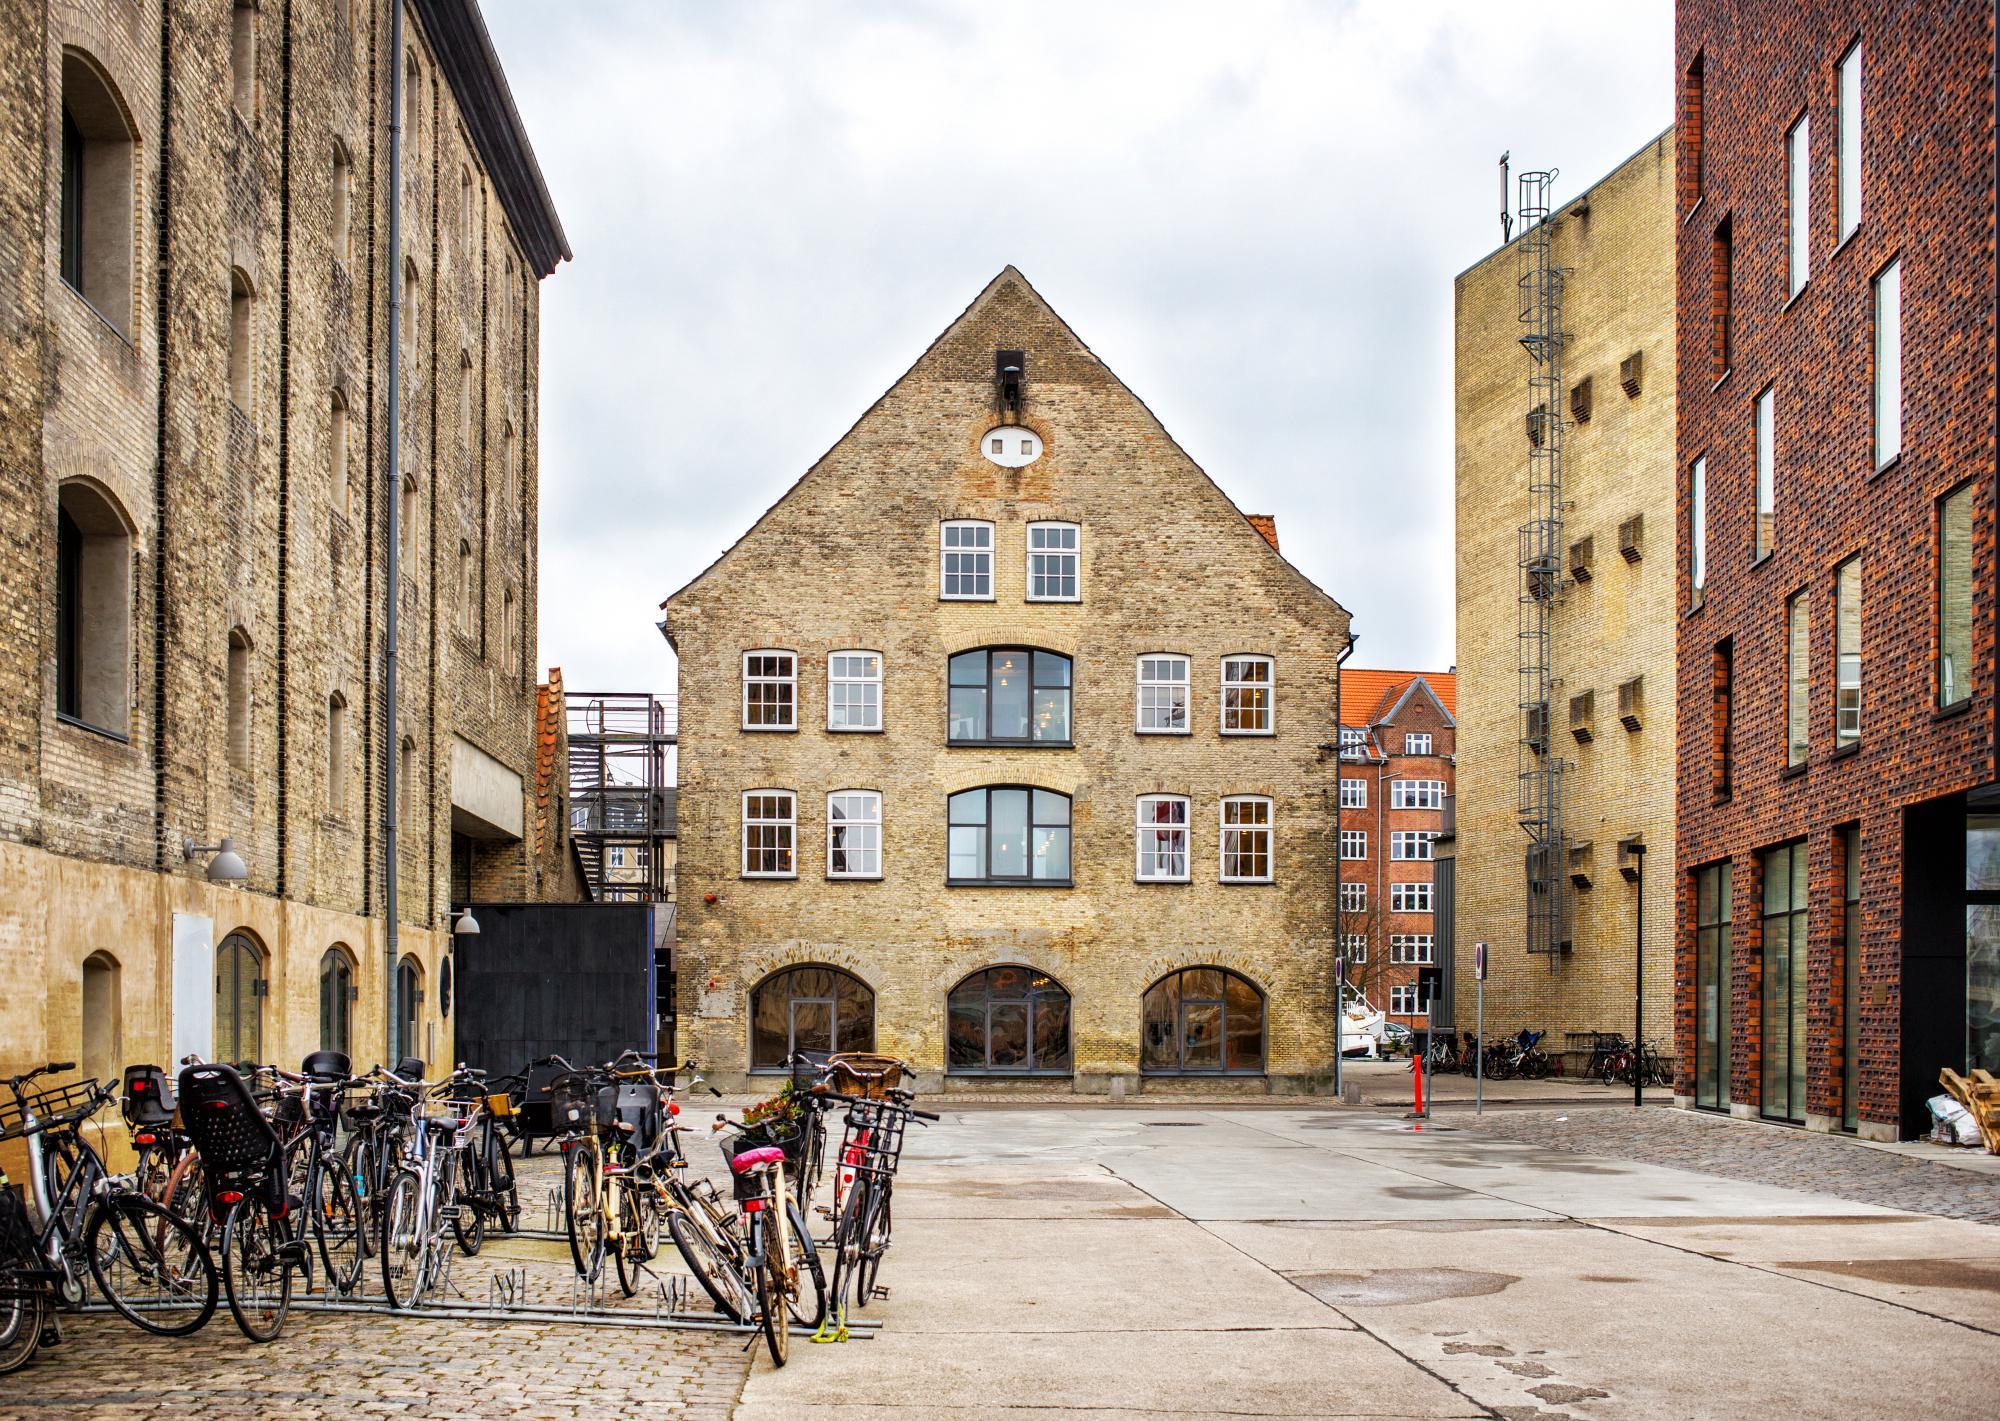 Дания собирается привести свое налоговое законодательство в соответствие с требованиями ЕС